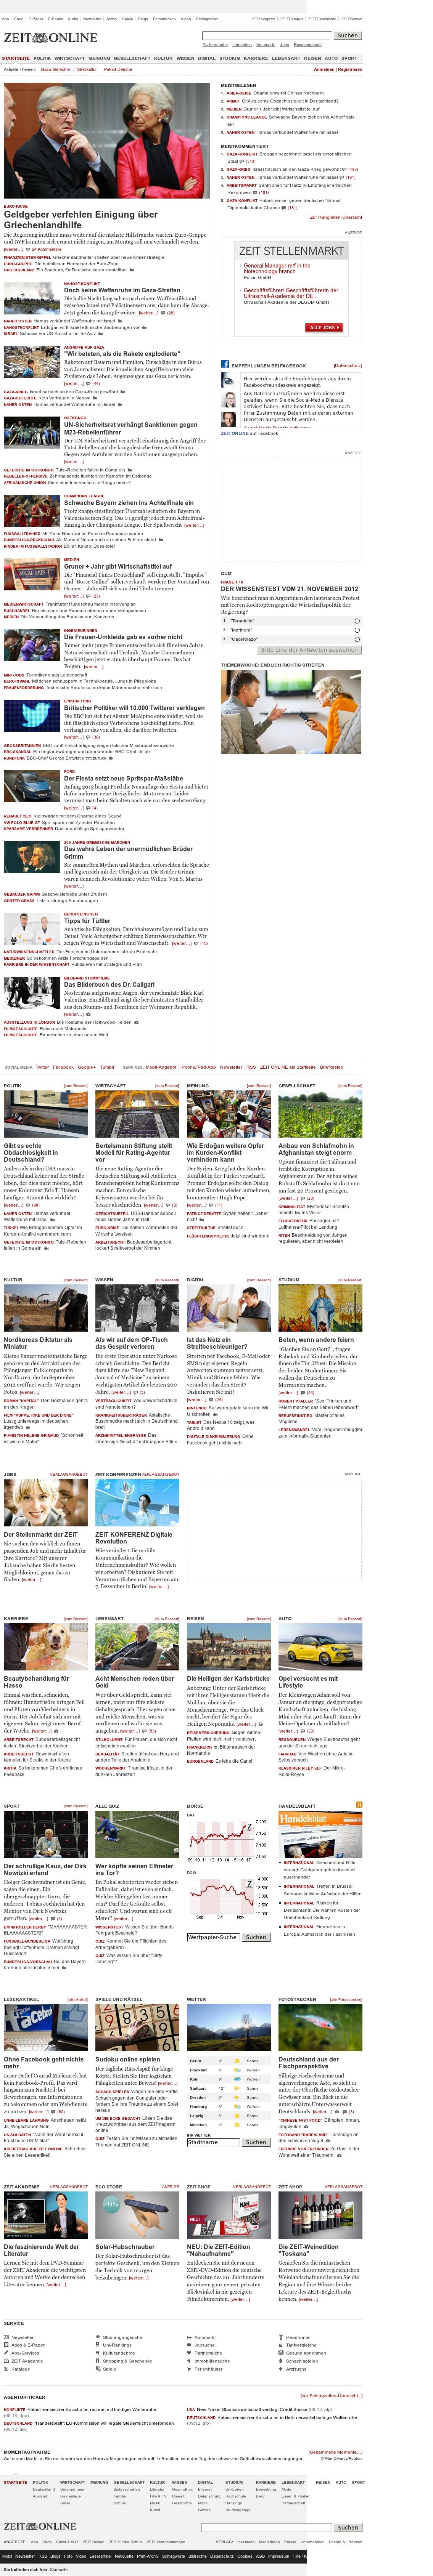 Zeit Online at Wednesday Nov. 21, 2012, 8:33 a.m. UTC